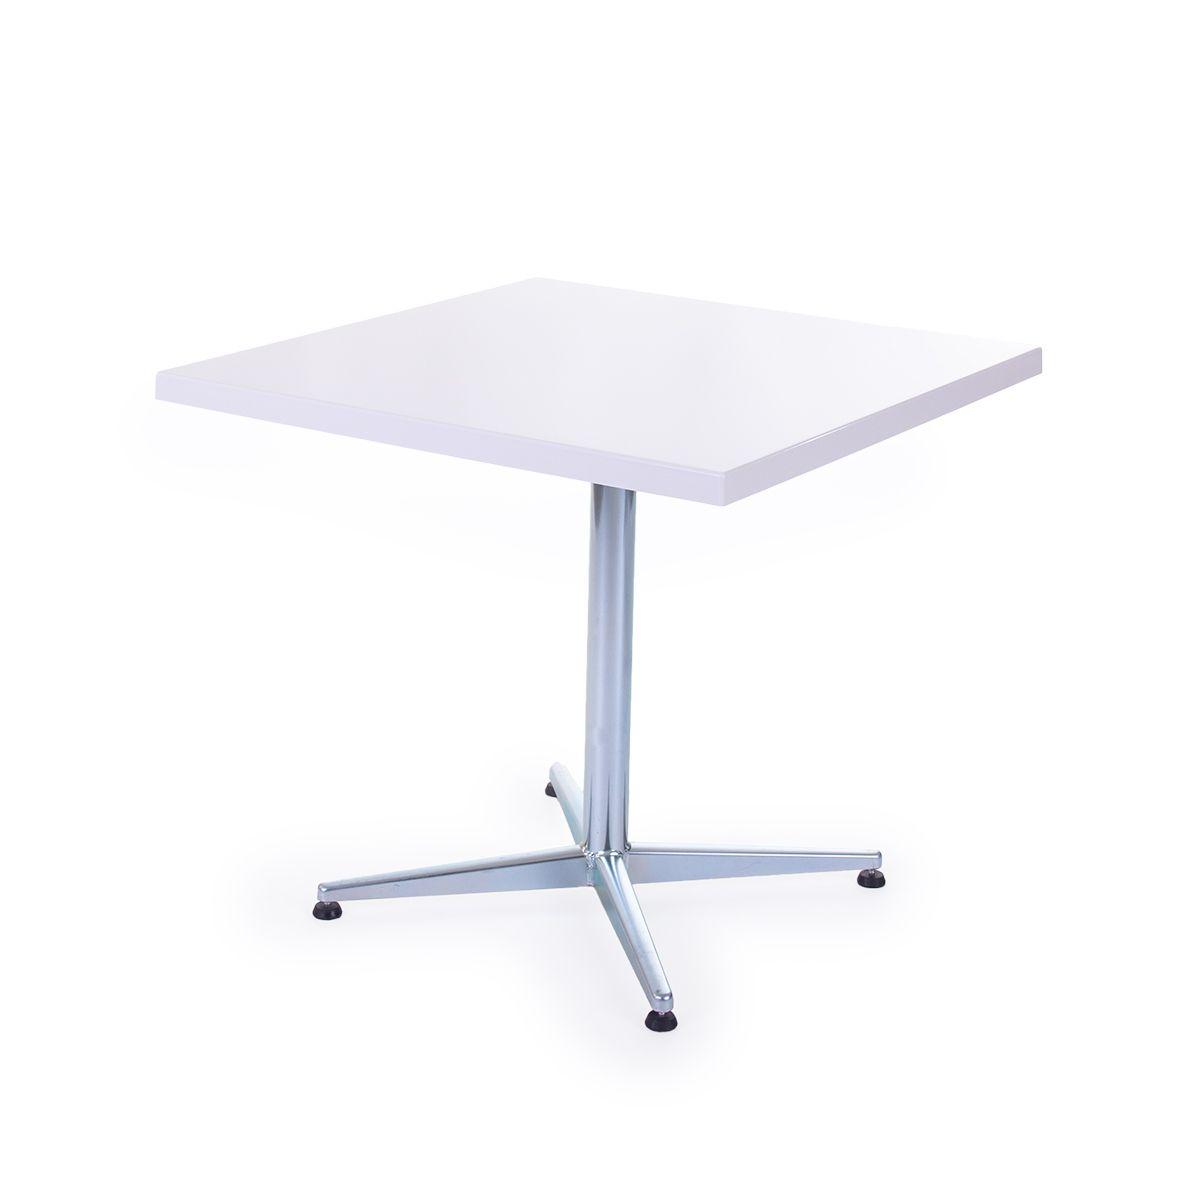 GFK Tisch weiss, glanz, Untergestell galvanisch, 4-Stern Basic, 80 x 80 x 3.5 cm, H 73 cm